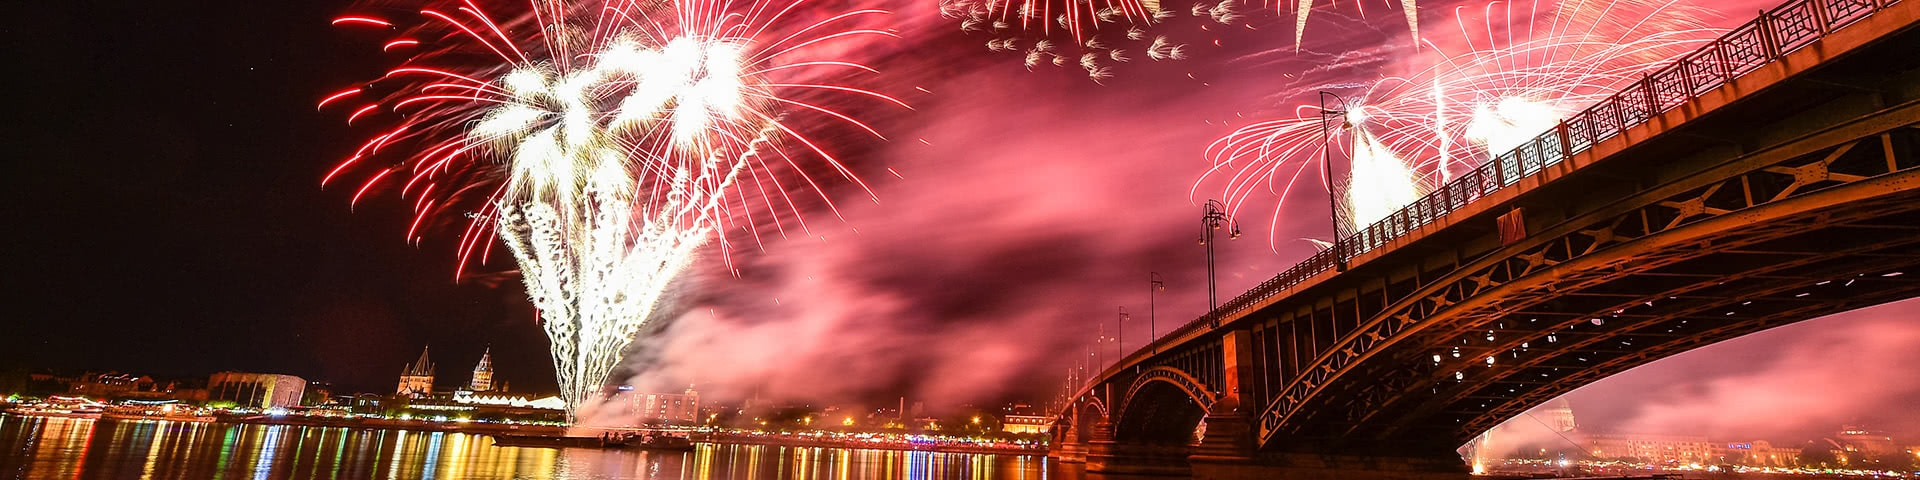 Feuerwerk über dem Rhein in Mainz bei den Mainzer Lichtern